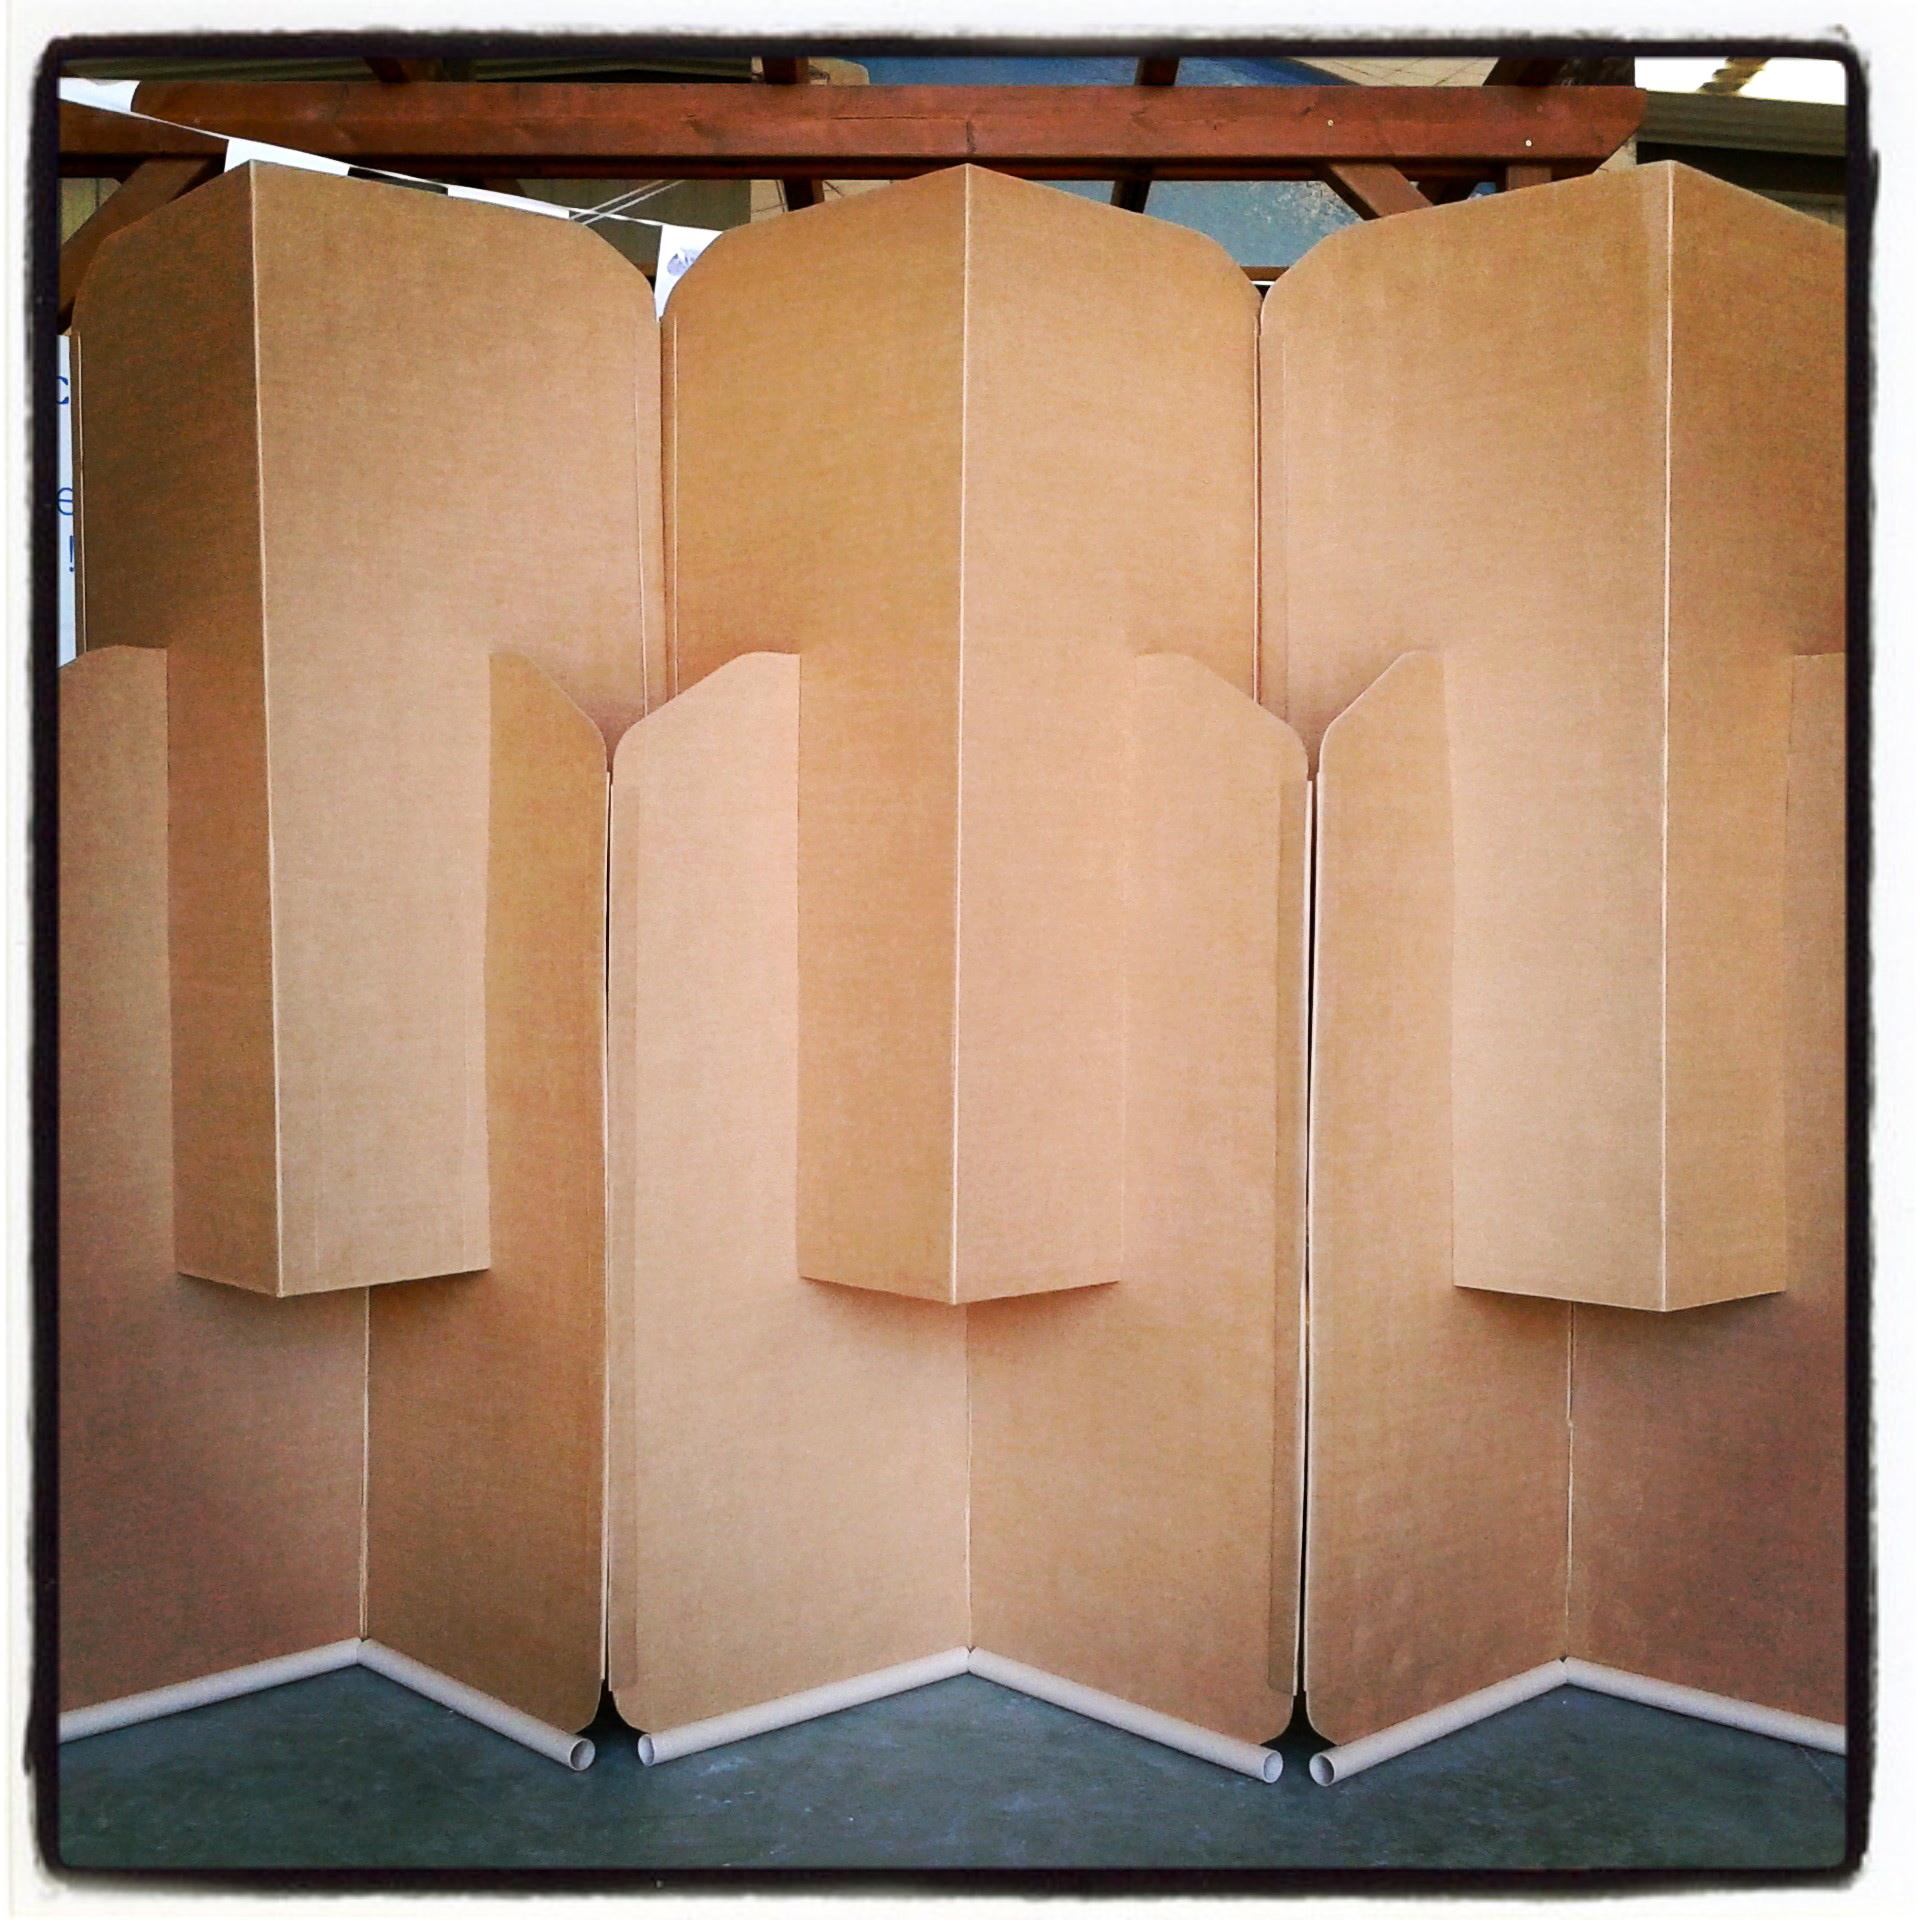 Biombo de cart n la cartoneria - Biombo de carton ...